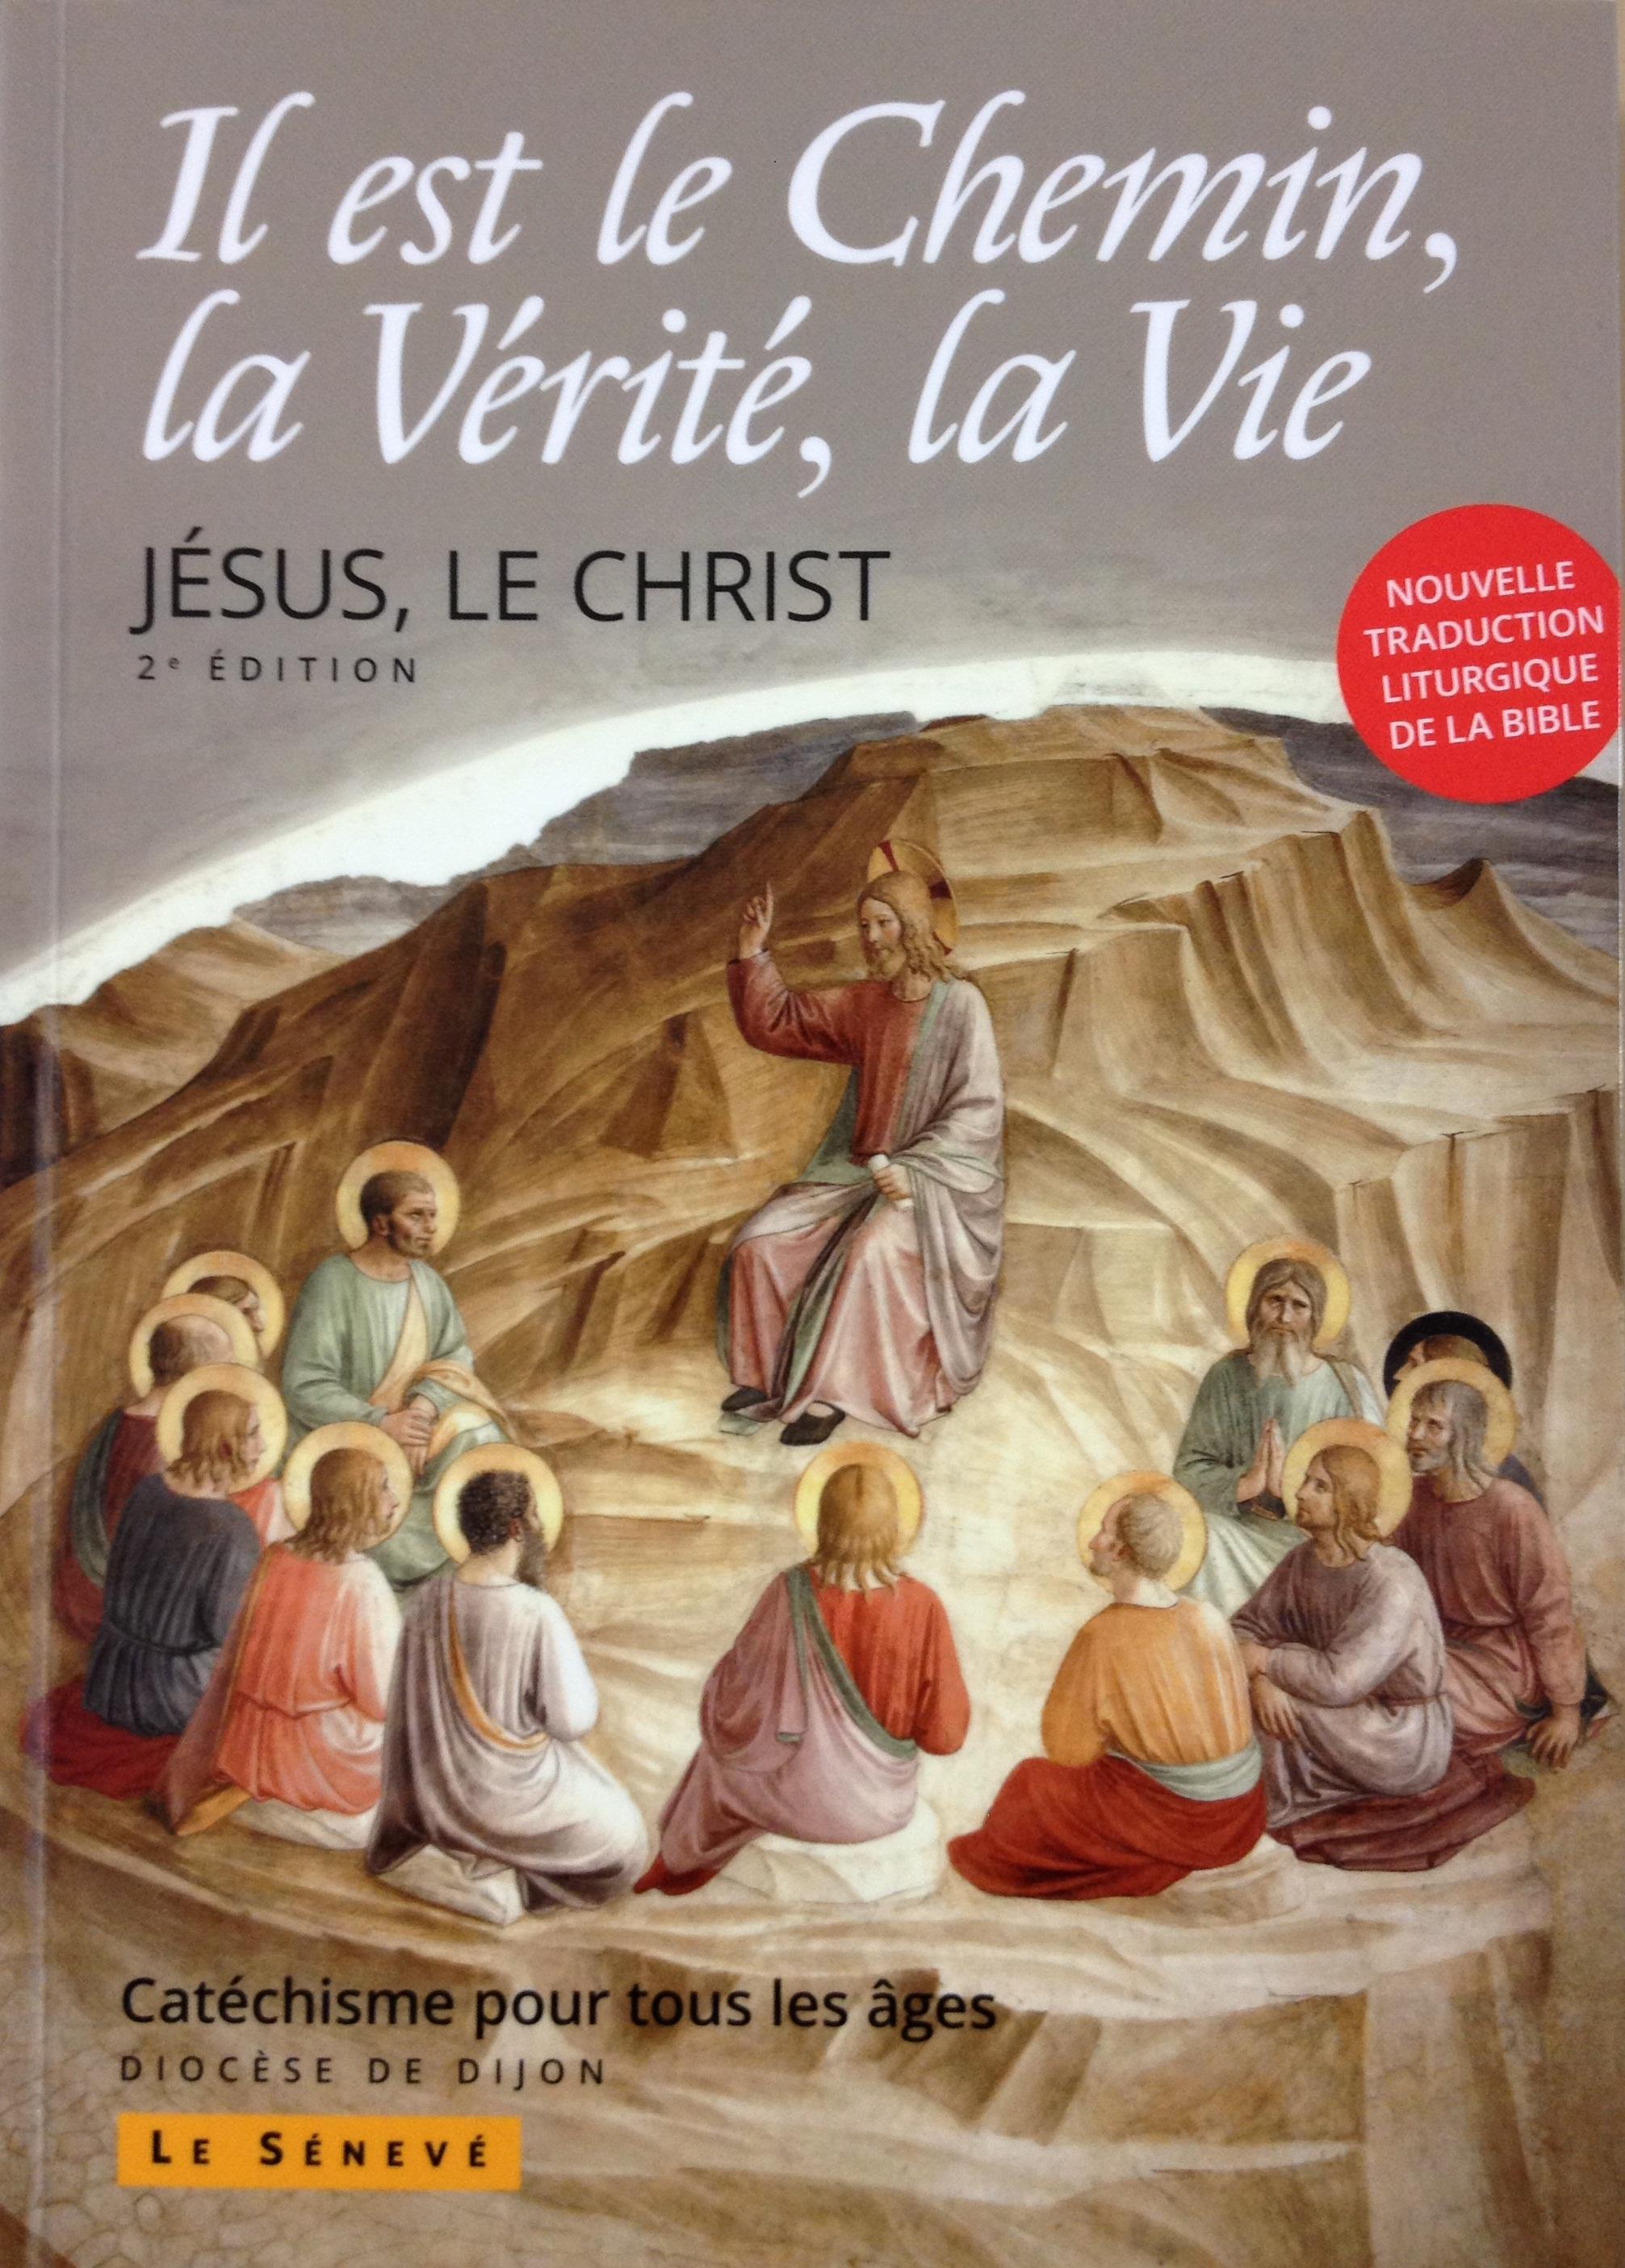 Catéchisme pour tous les âges - diocèse de Dijon